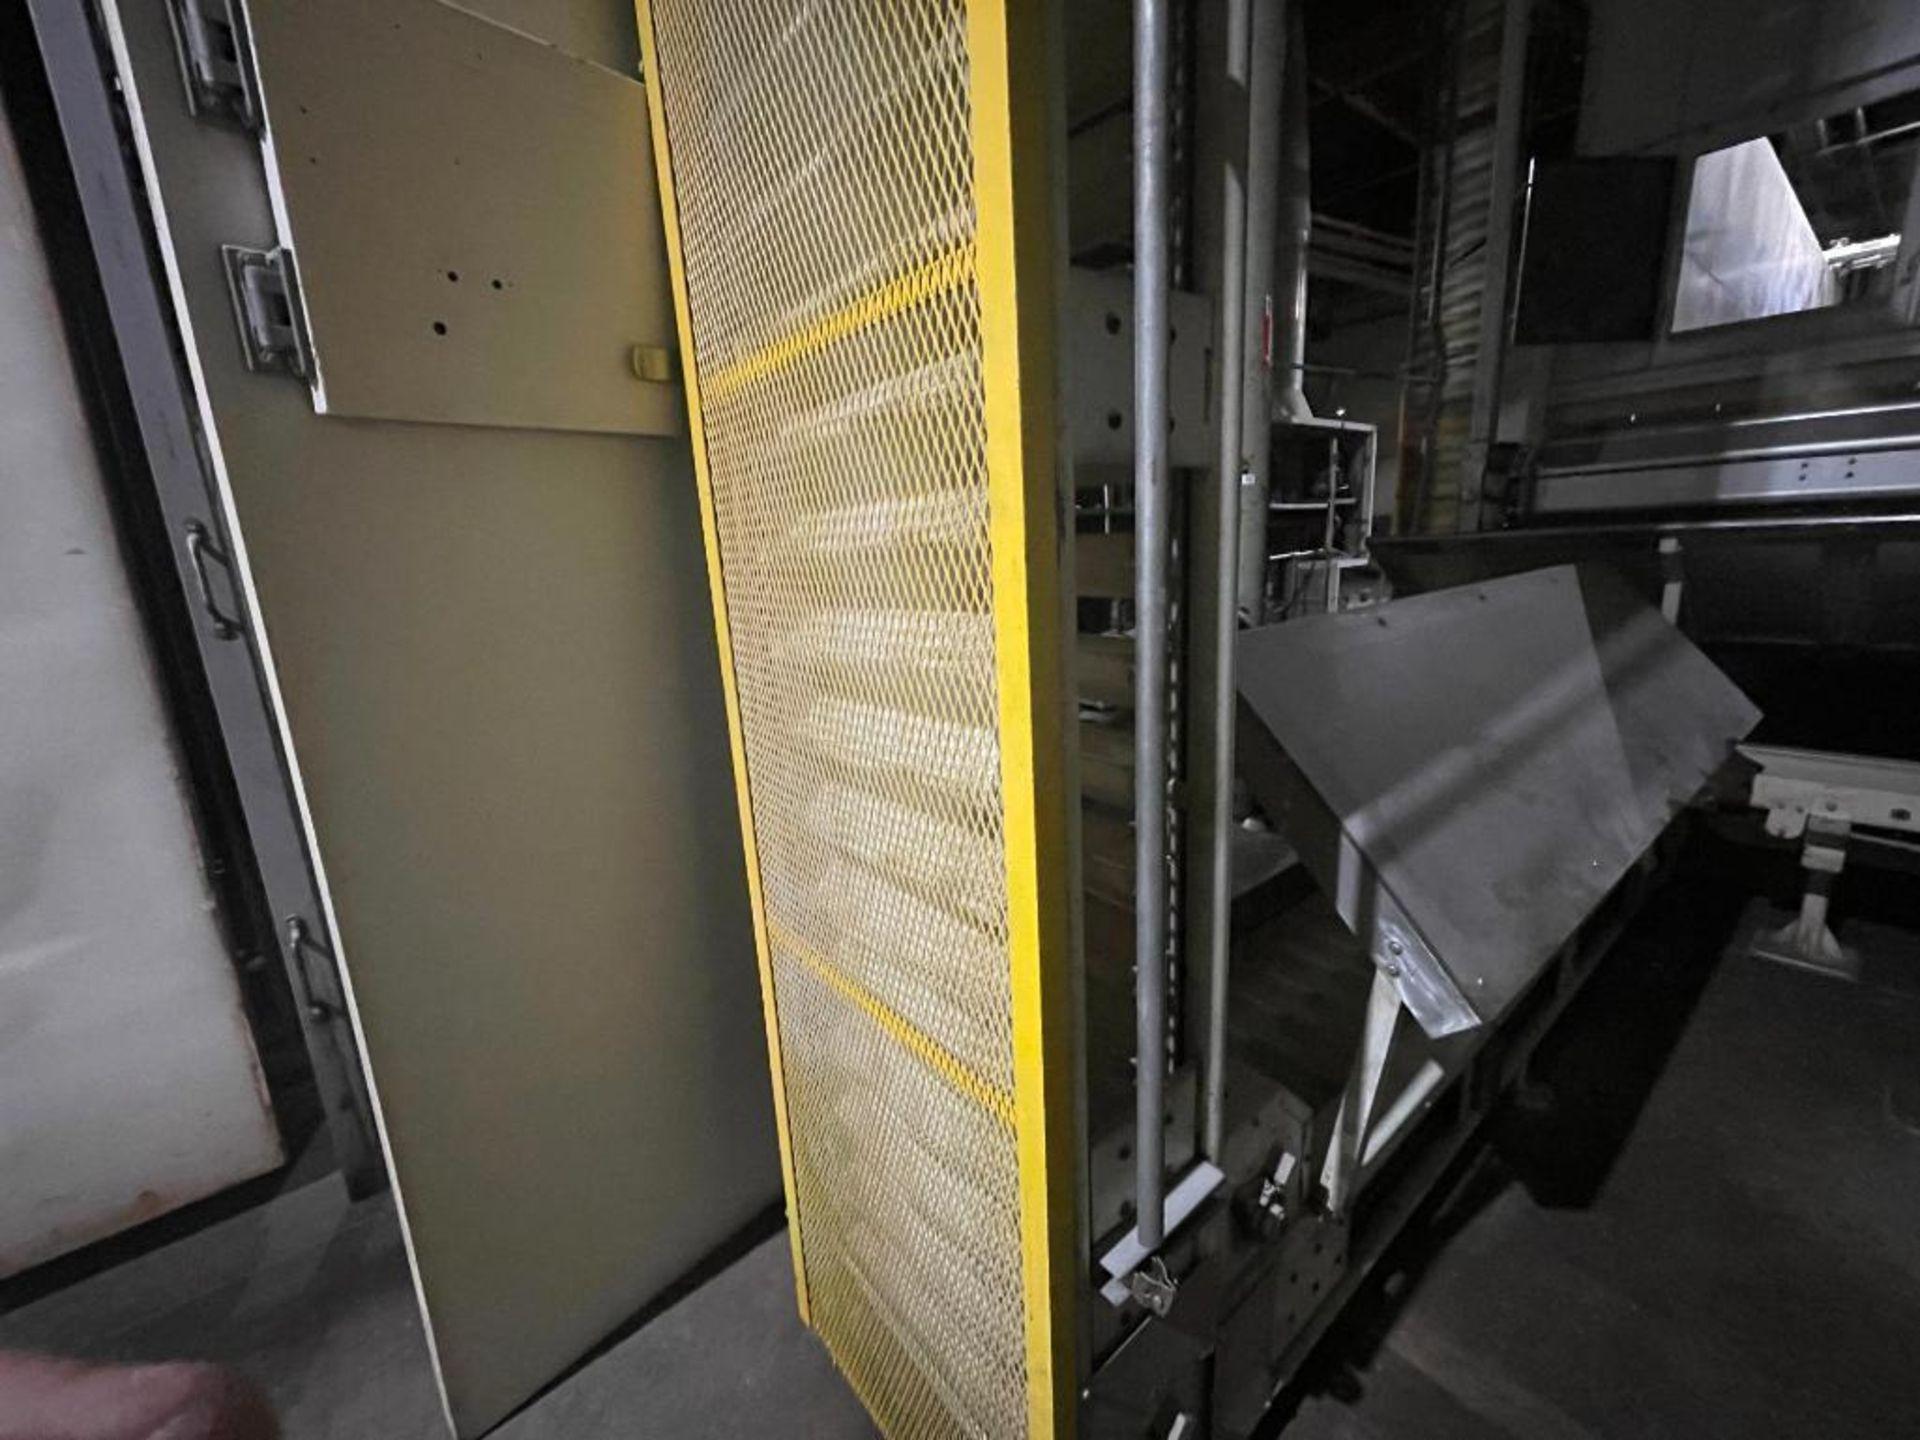 Aseeco overlapping bucket elevator - Image 7 of 14